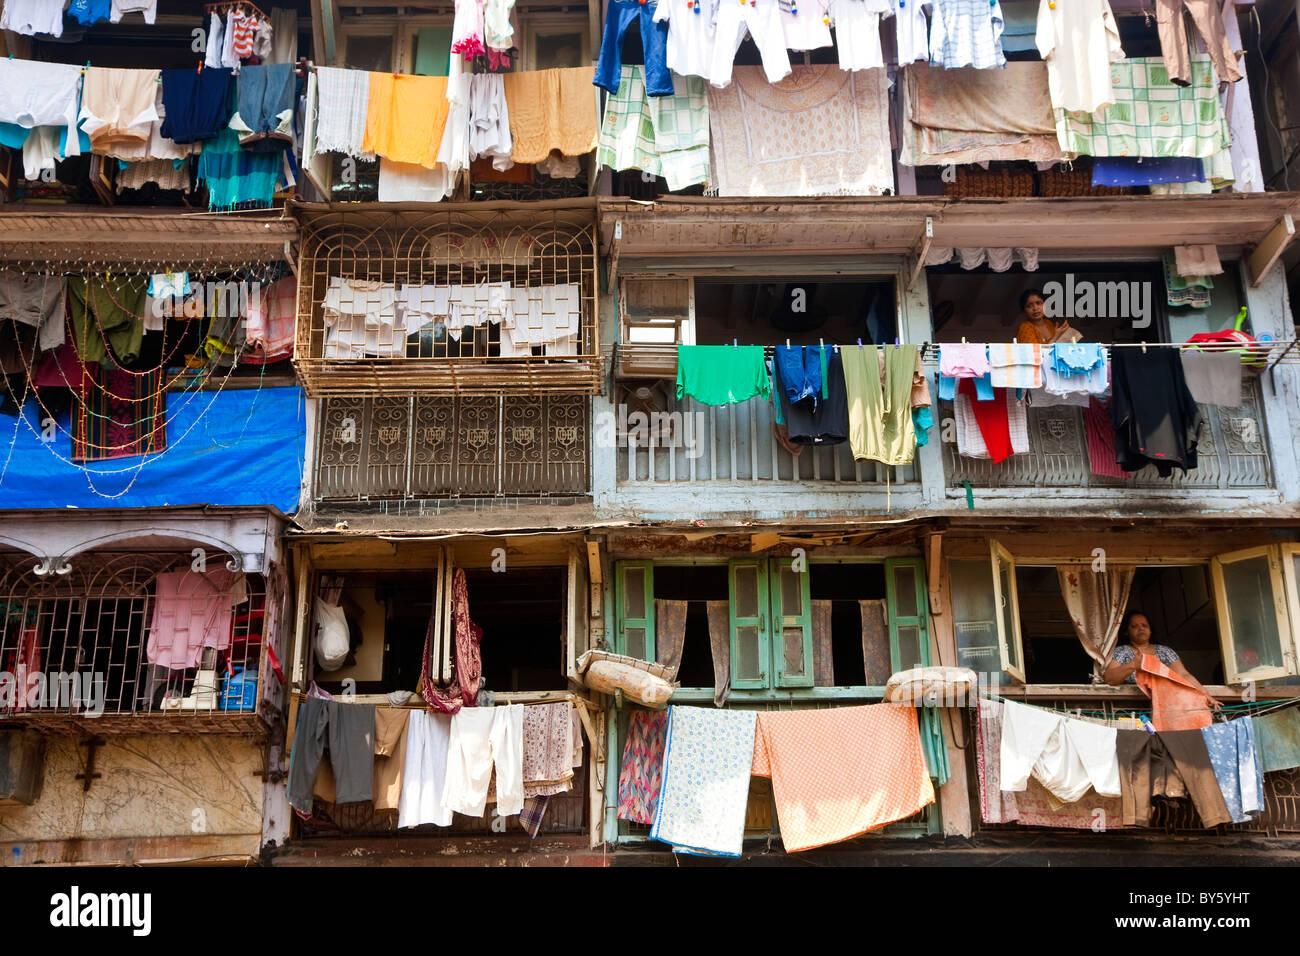 Waschen Trocknen außerhalb Wohnungen, Mumbai (Bombay), Indien Stockbild